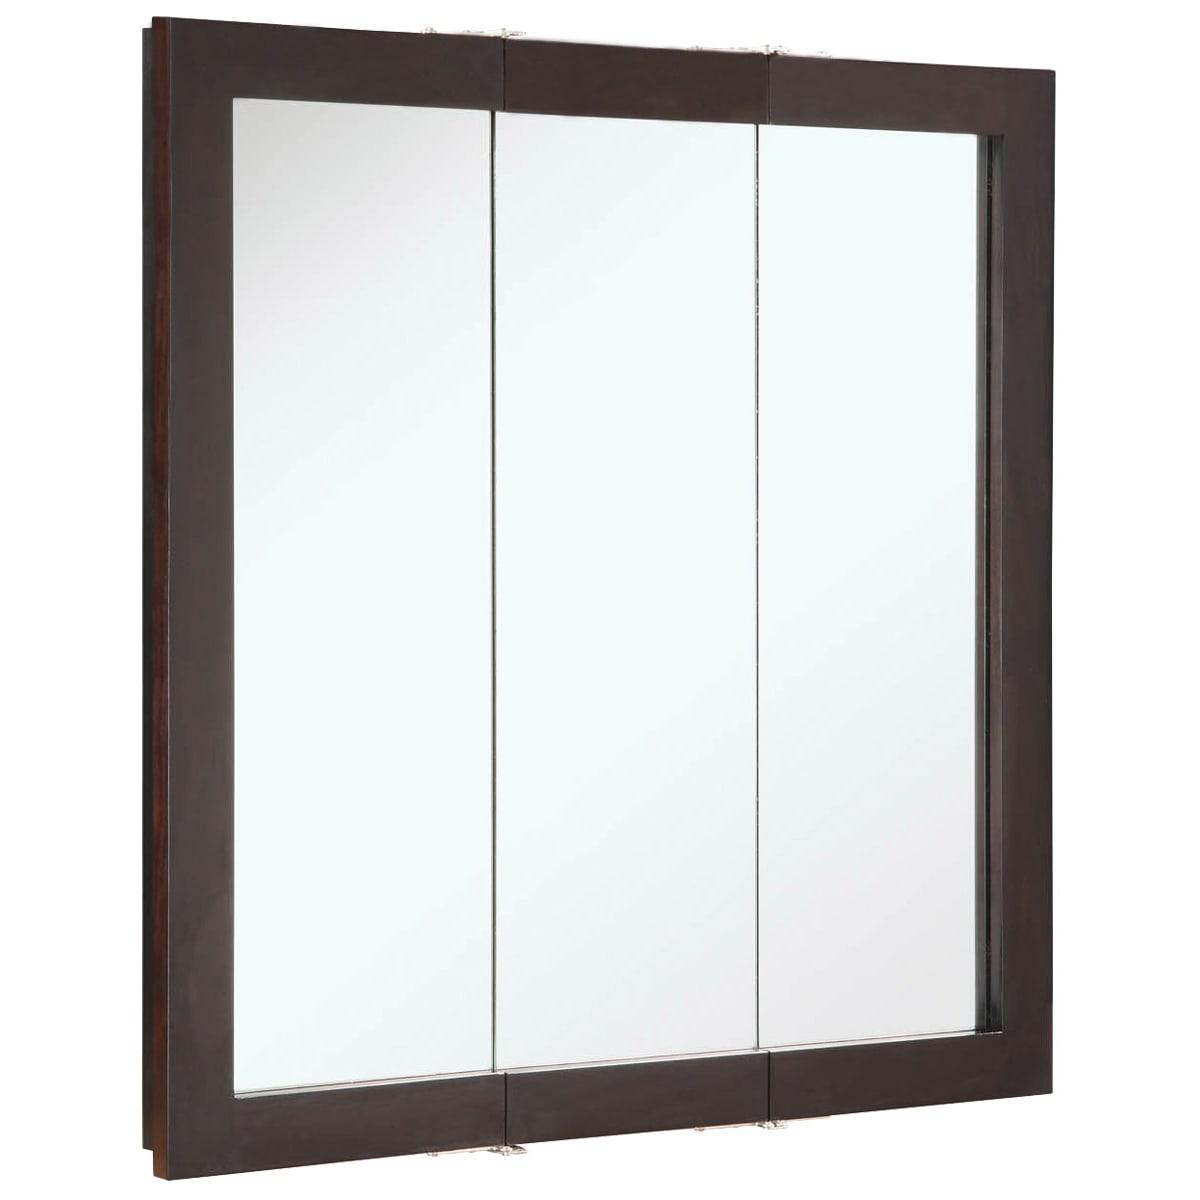 Design House 541342 Espresso 30 Framed